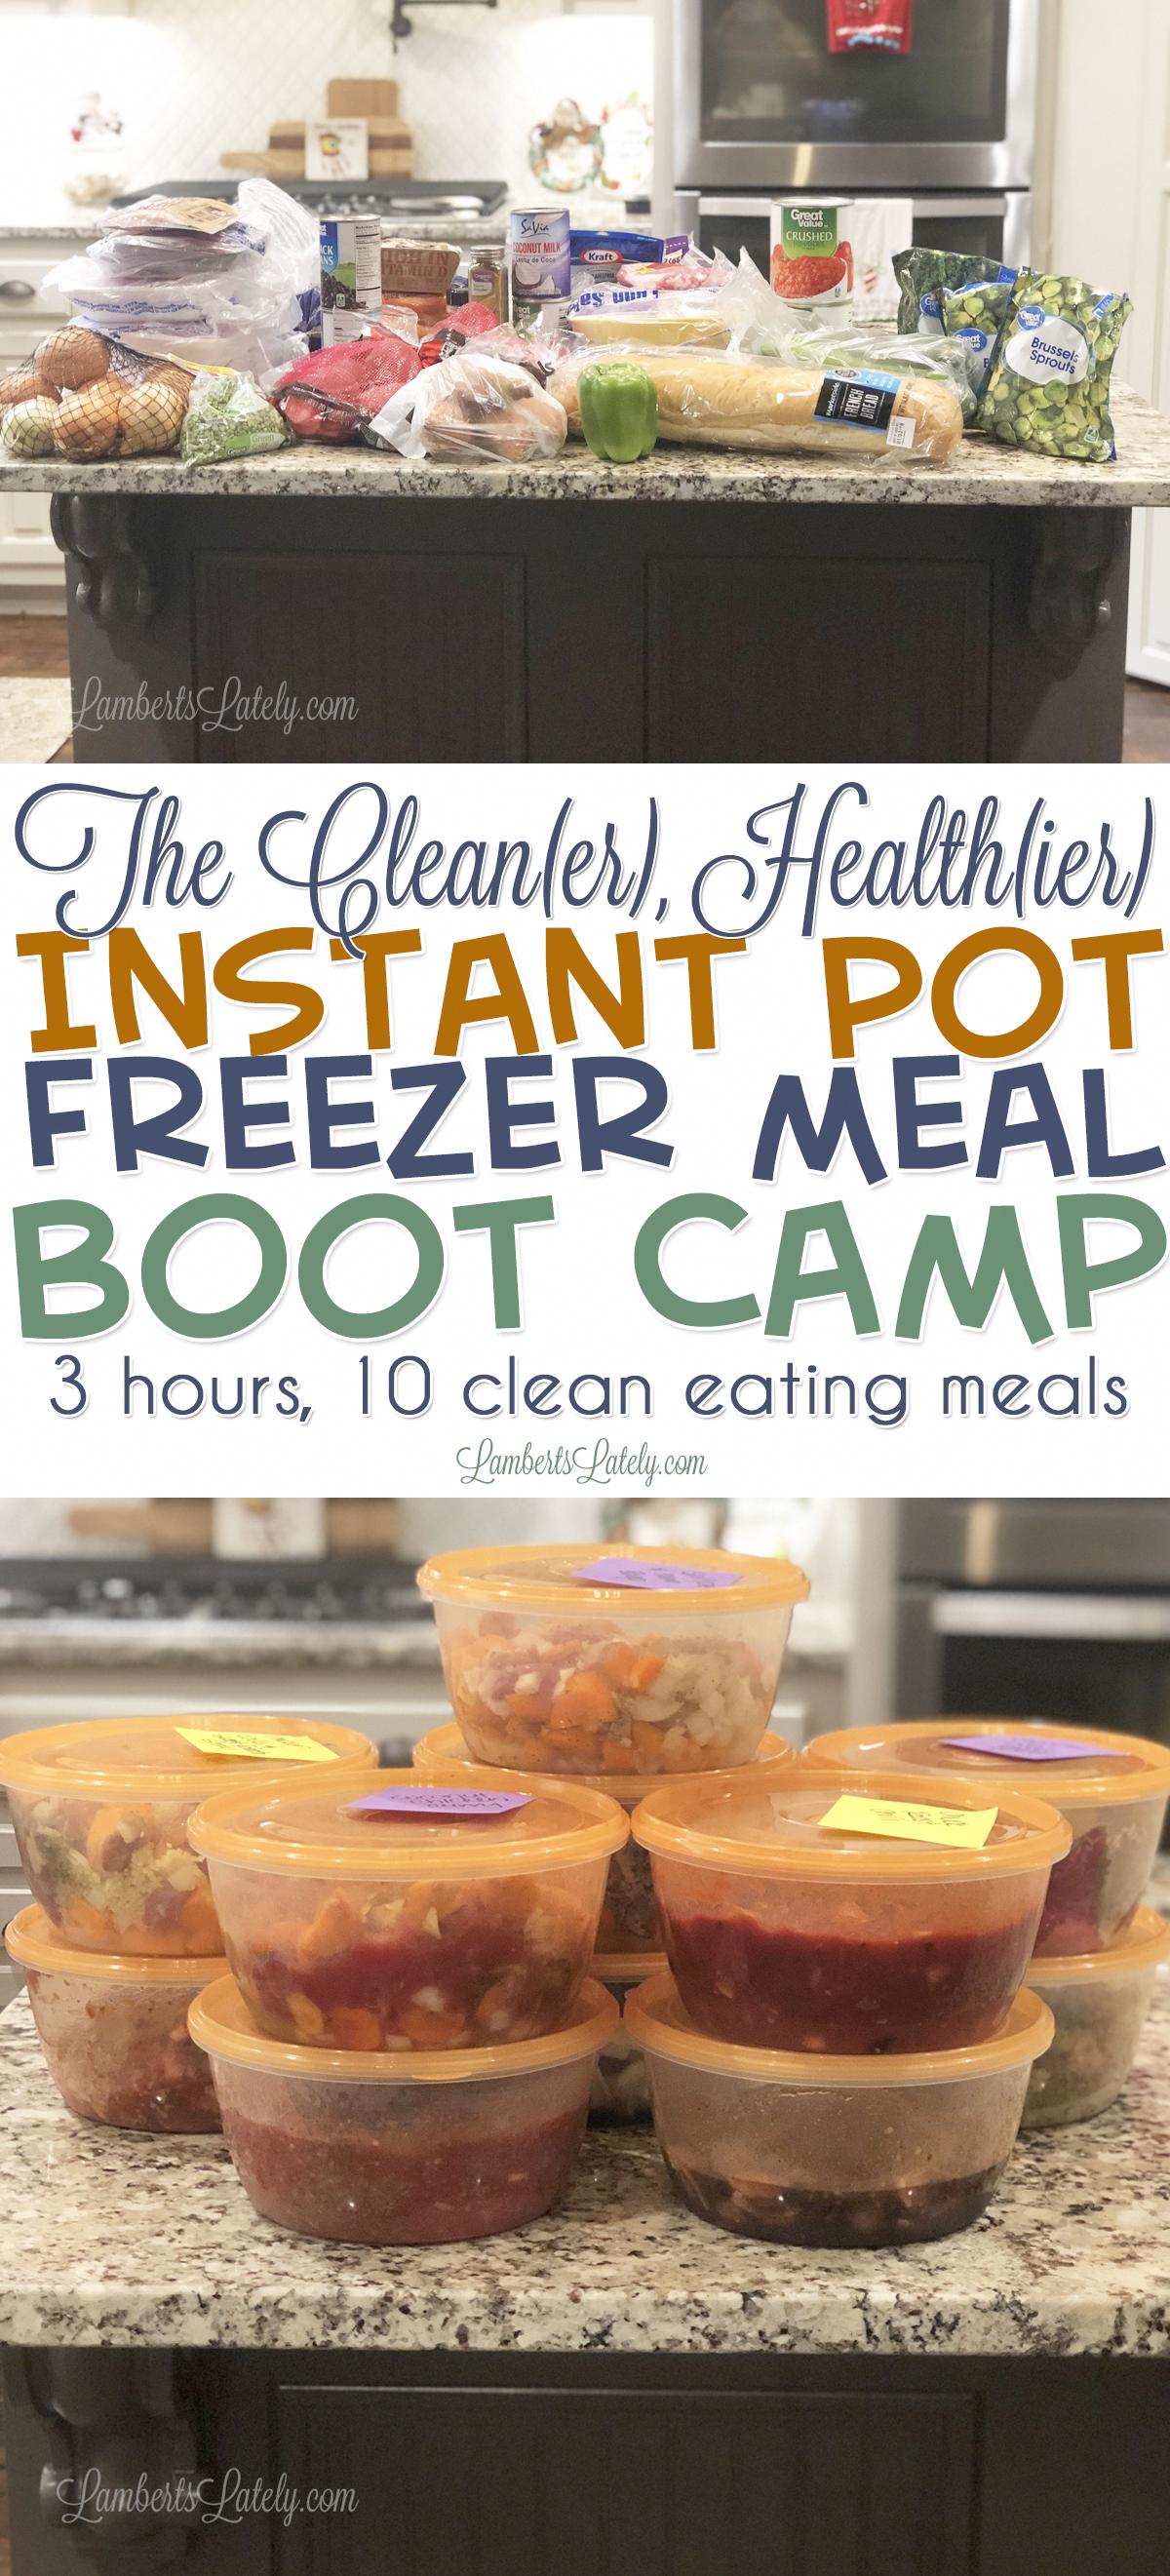 The Clean(er), Health(ier) Instant Pot Freezer Meal Boot Camp #crockpotmealprep